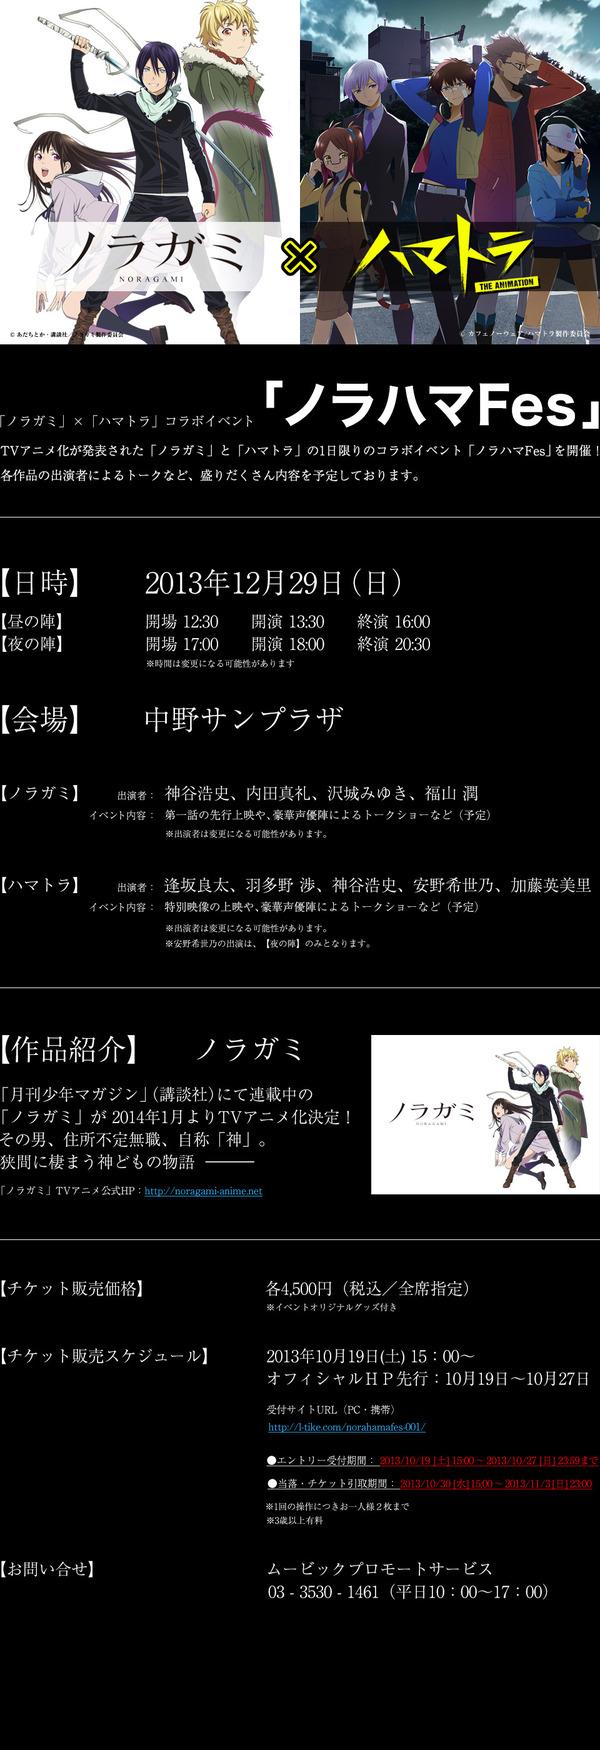 tokusetsu_hamatora